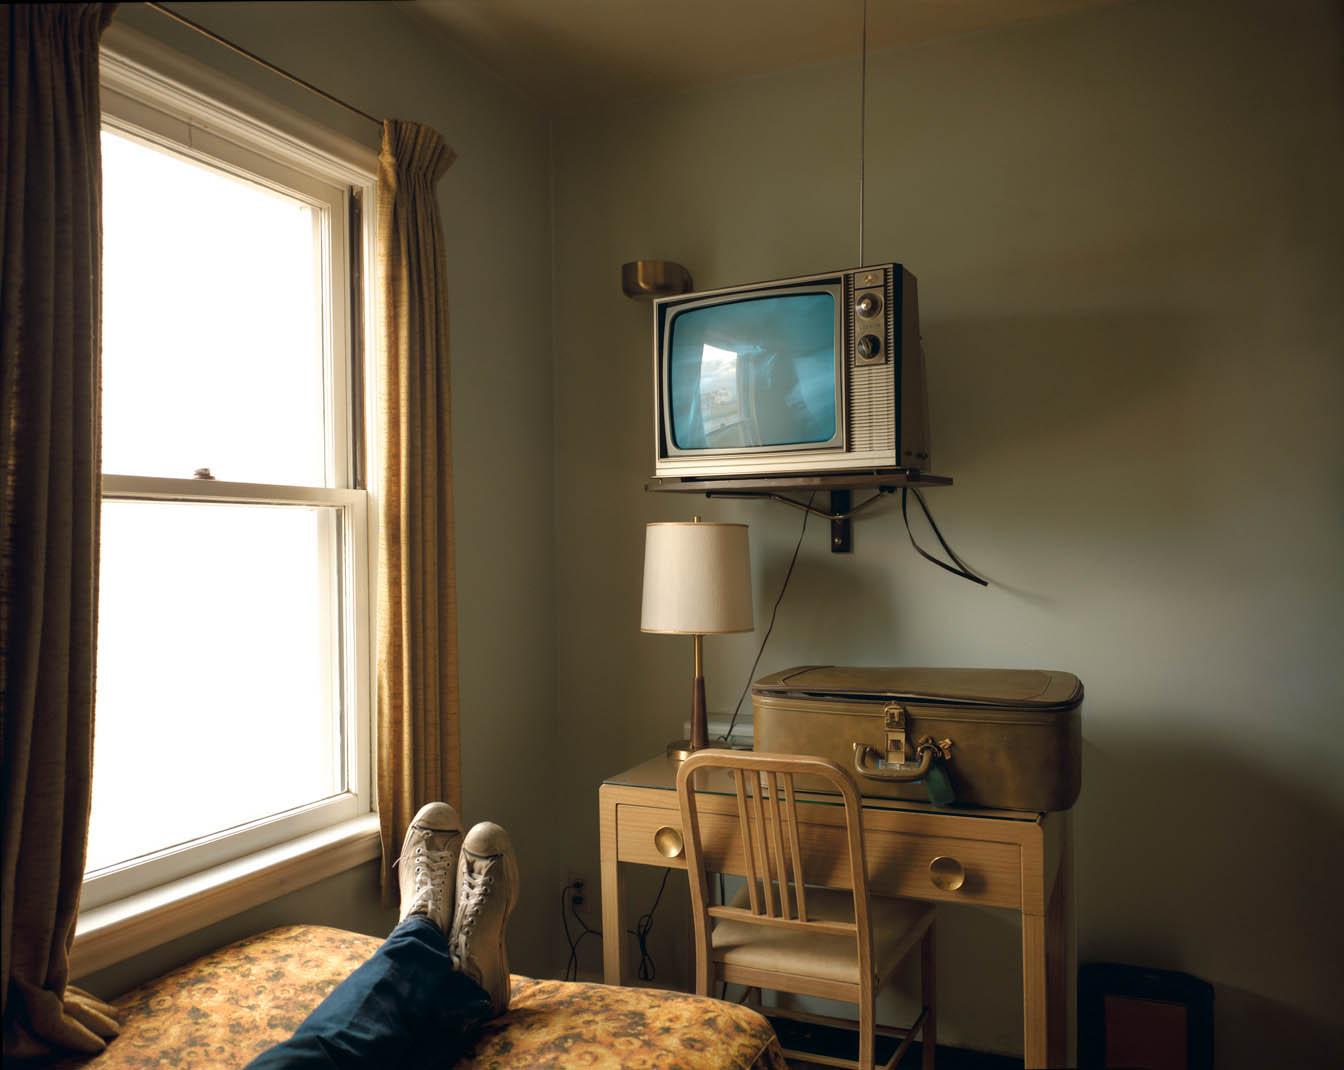 Room 125, Westbank Motel, Idaho Falls, Idaho, July 18, 1973